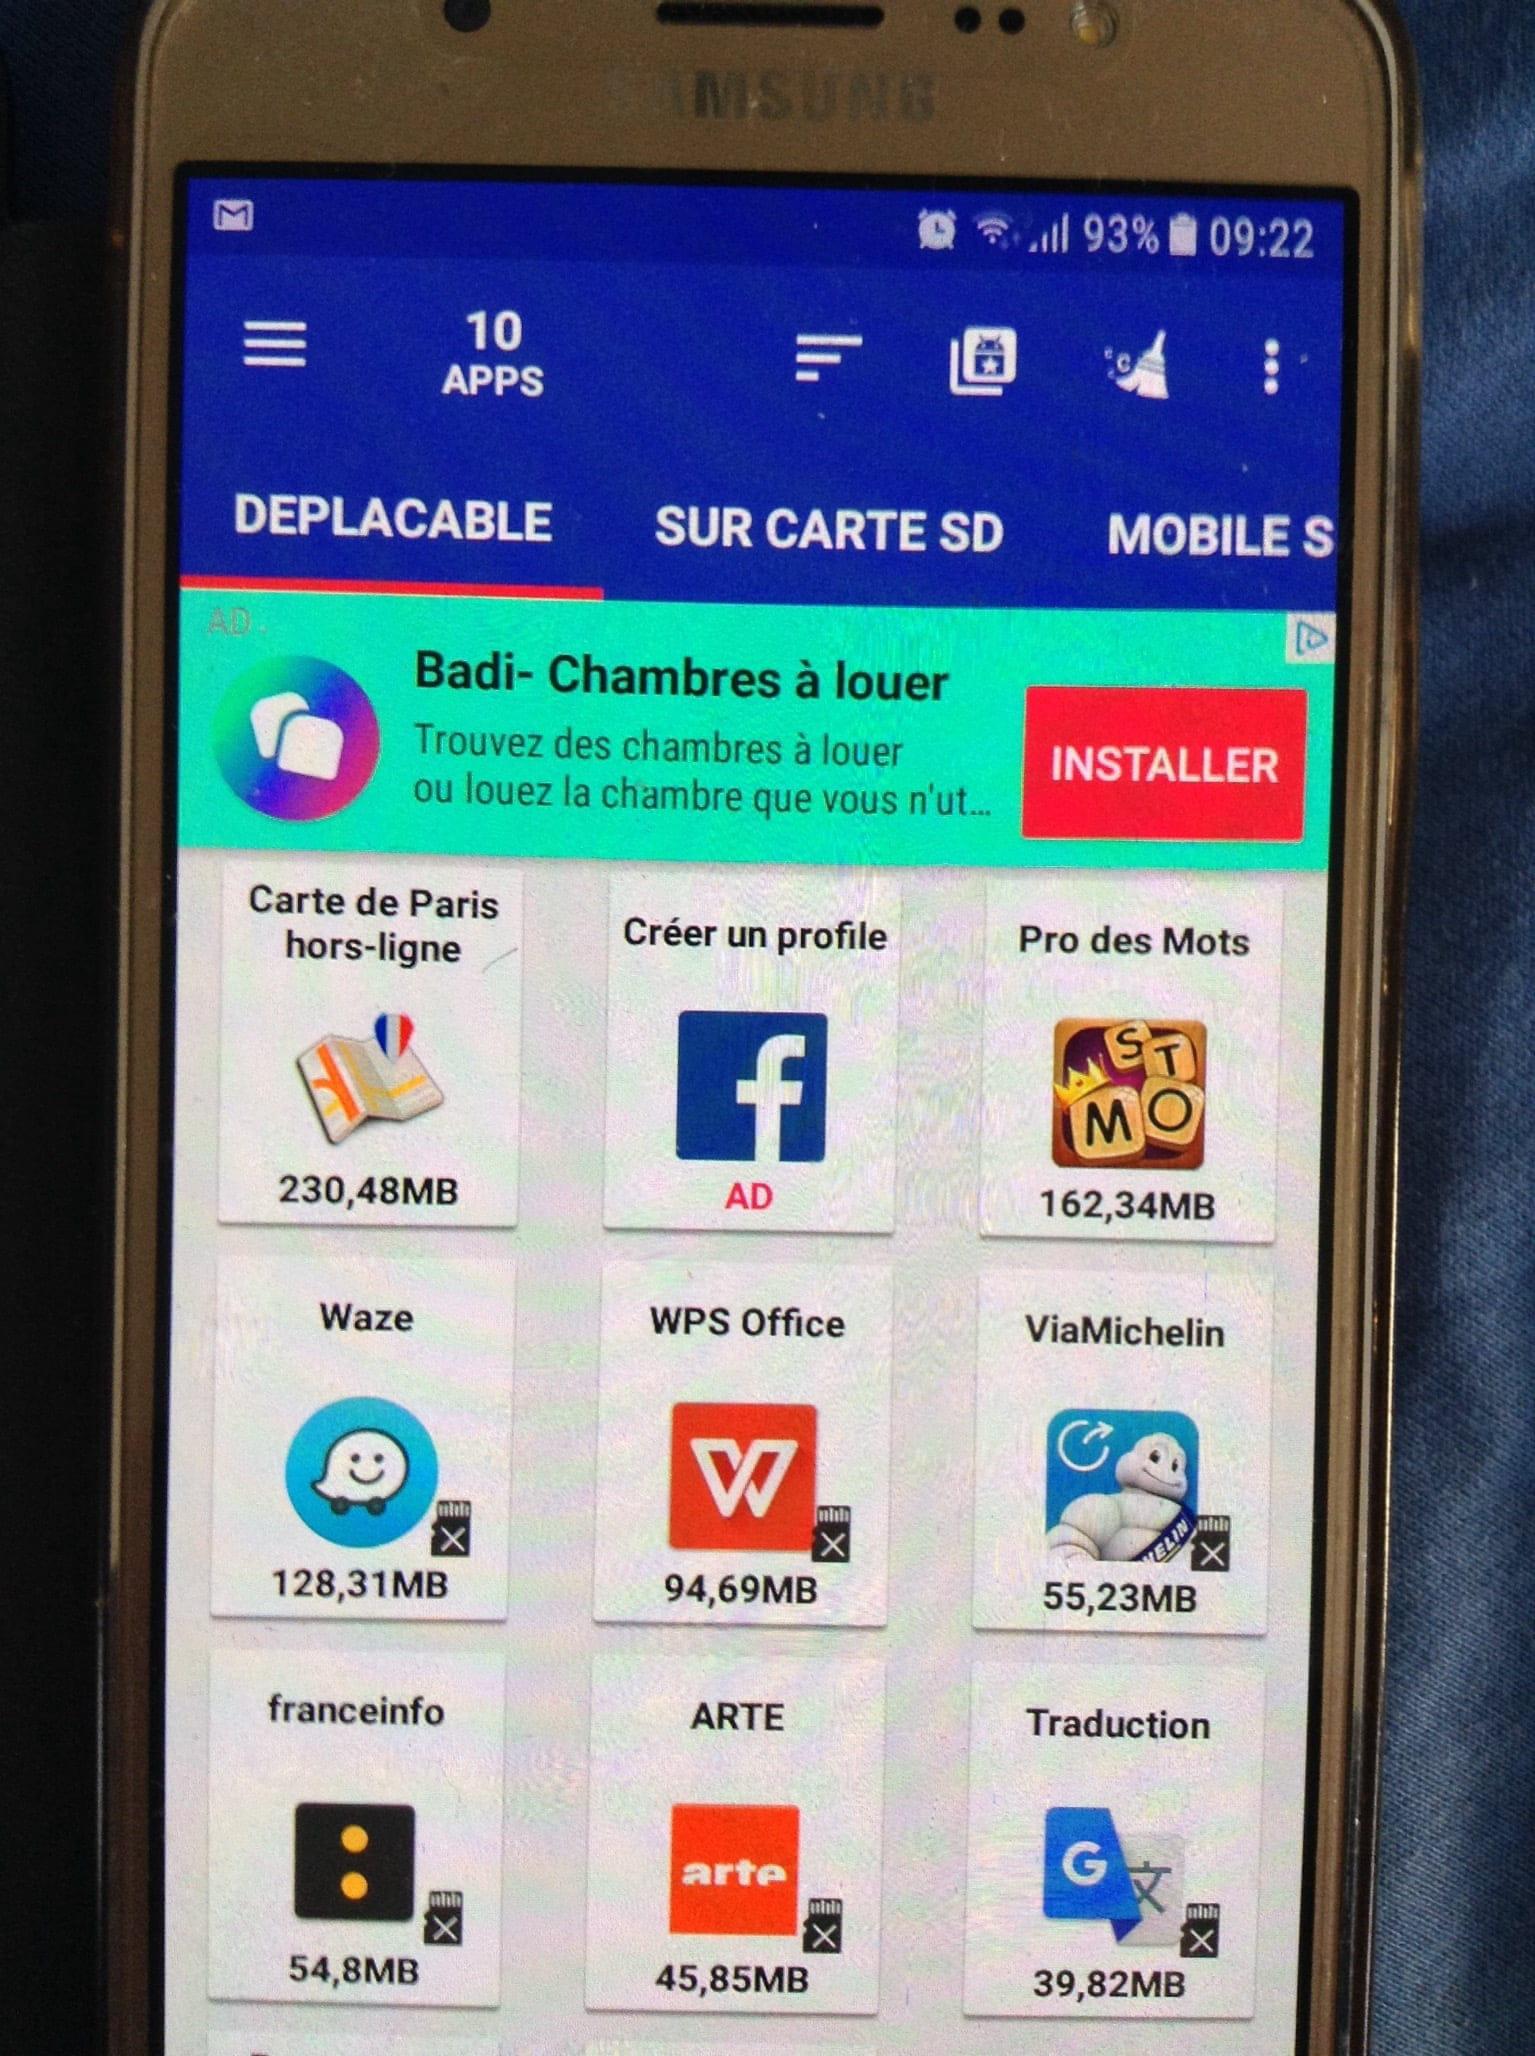 impossible de deplacer application sur carte sd PLAY STORE INSTALLER DIRECTEMENT SUR LA CARTE SD   Télécharger